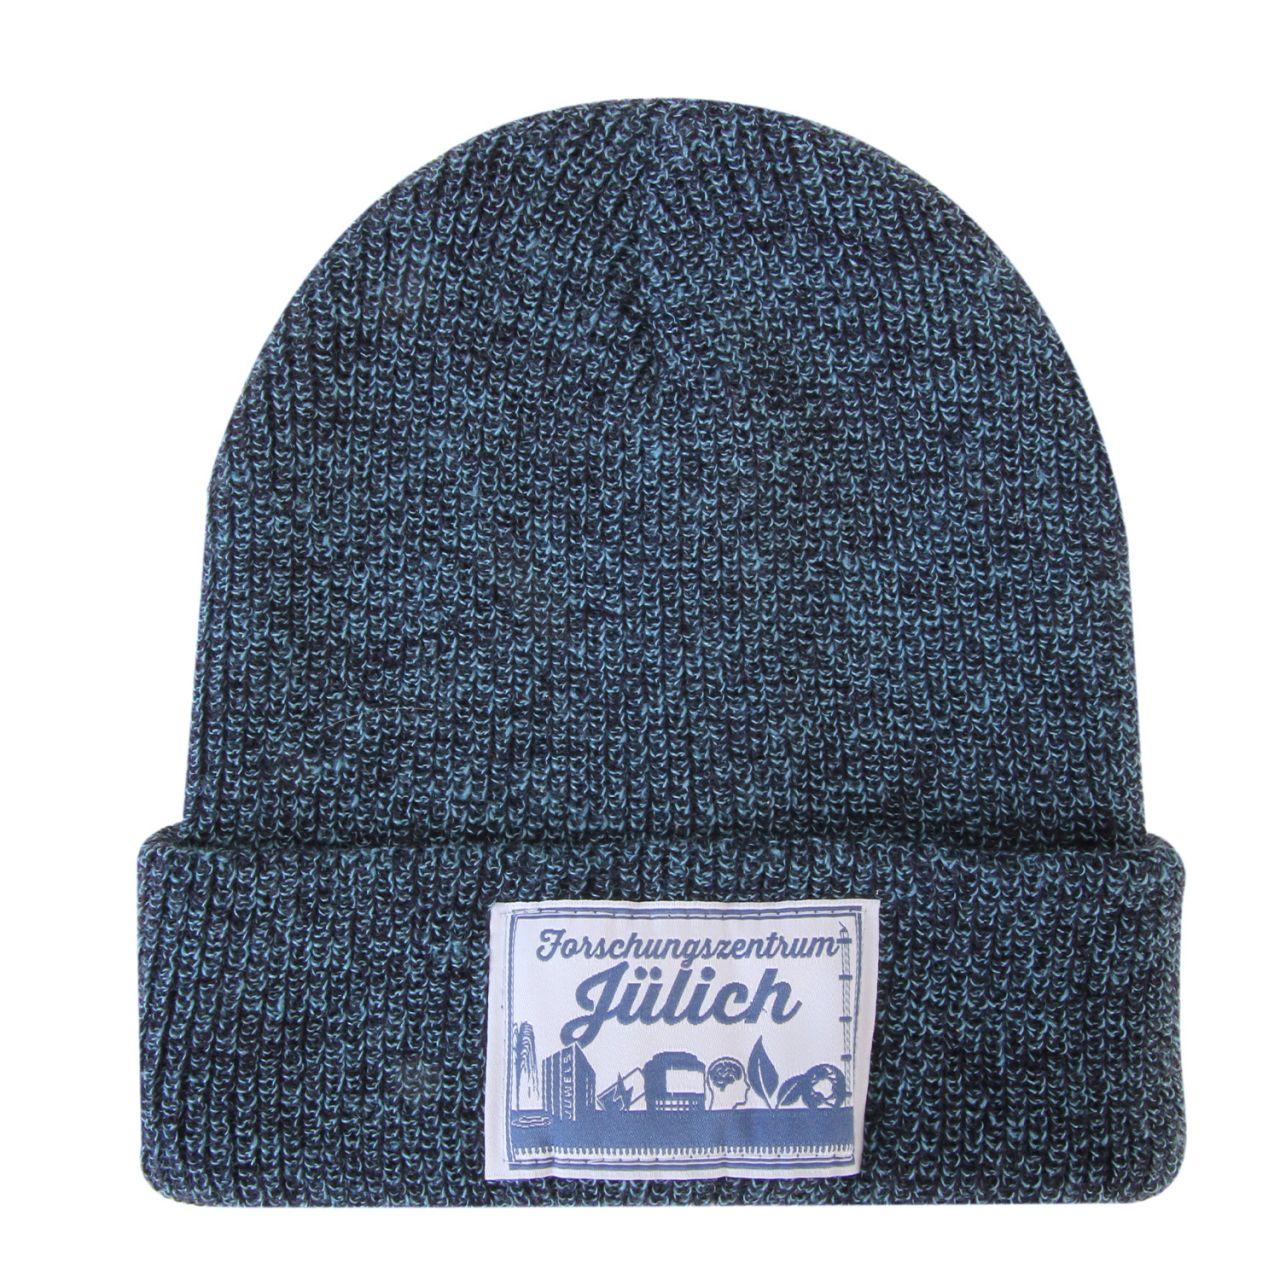 Wollmütze, blue, label